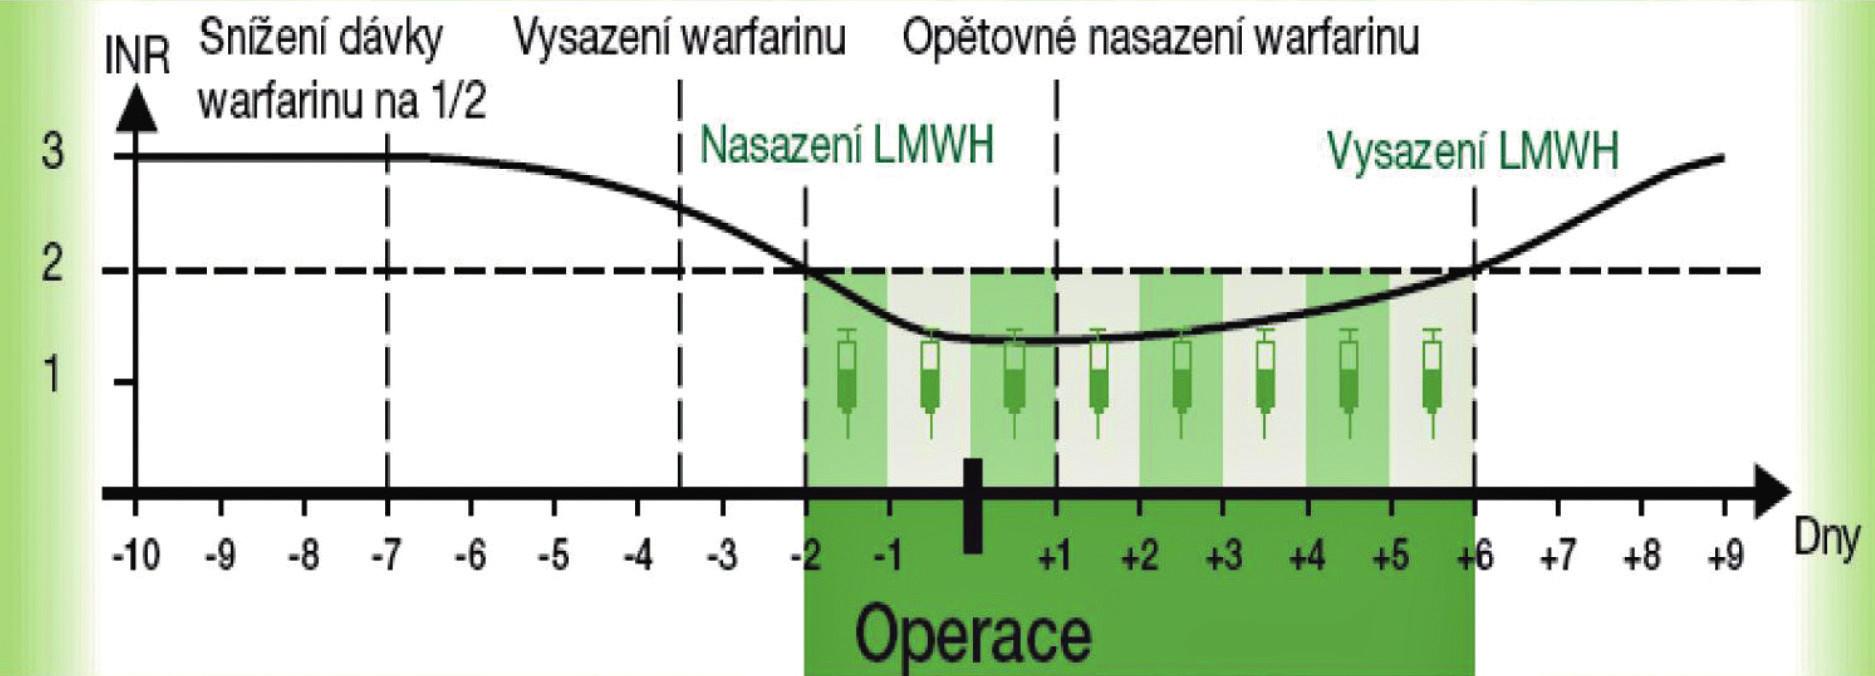 Převedení nemocného z warfarinu na LMWH a zpět v případě elektivního výkonu